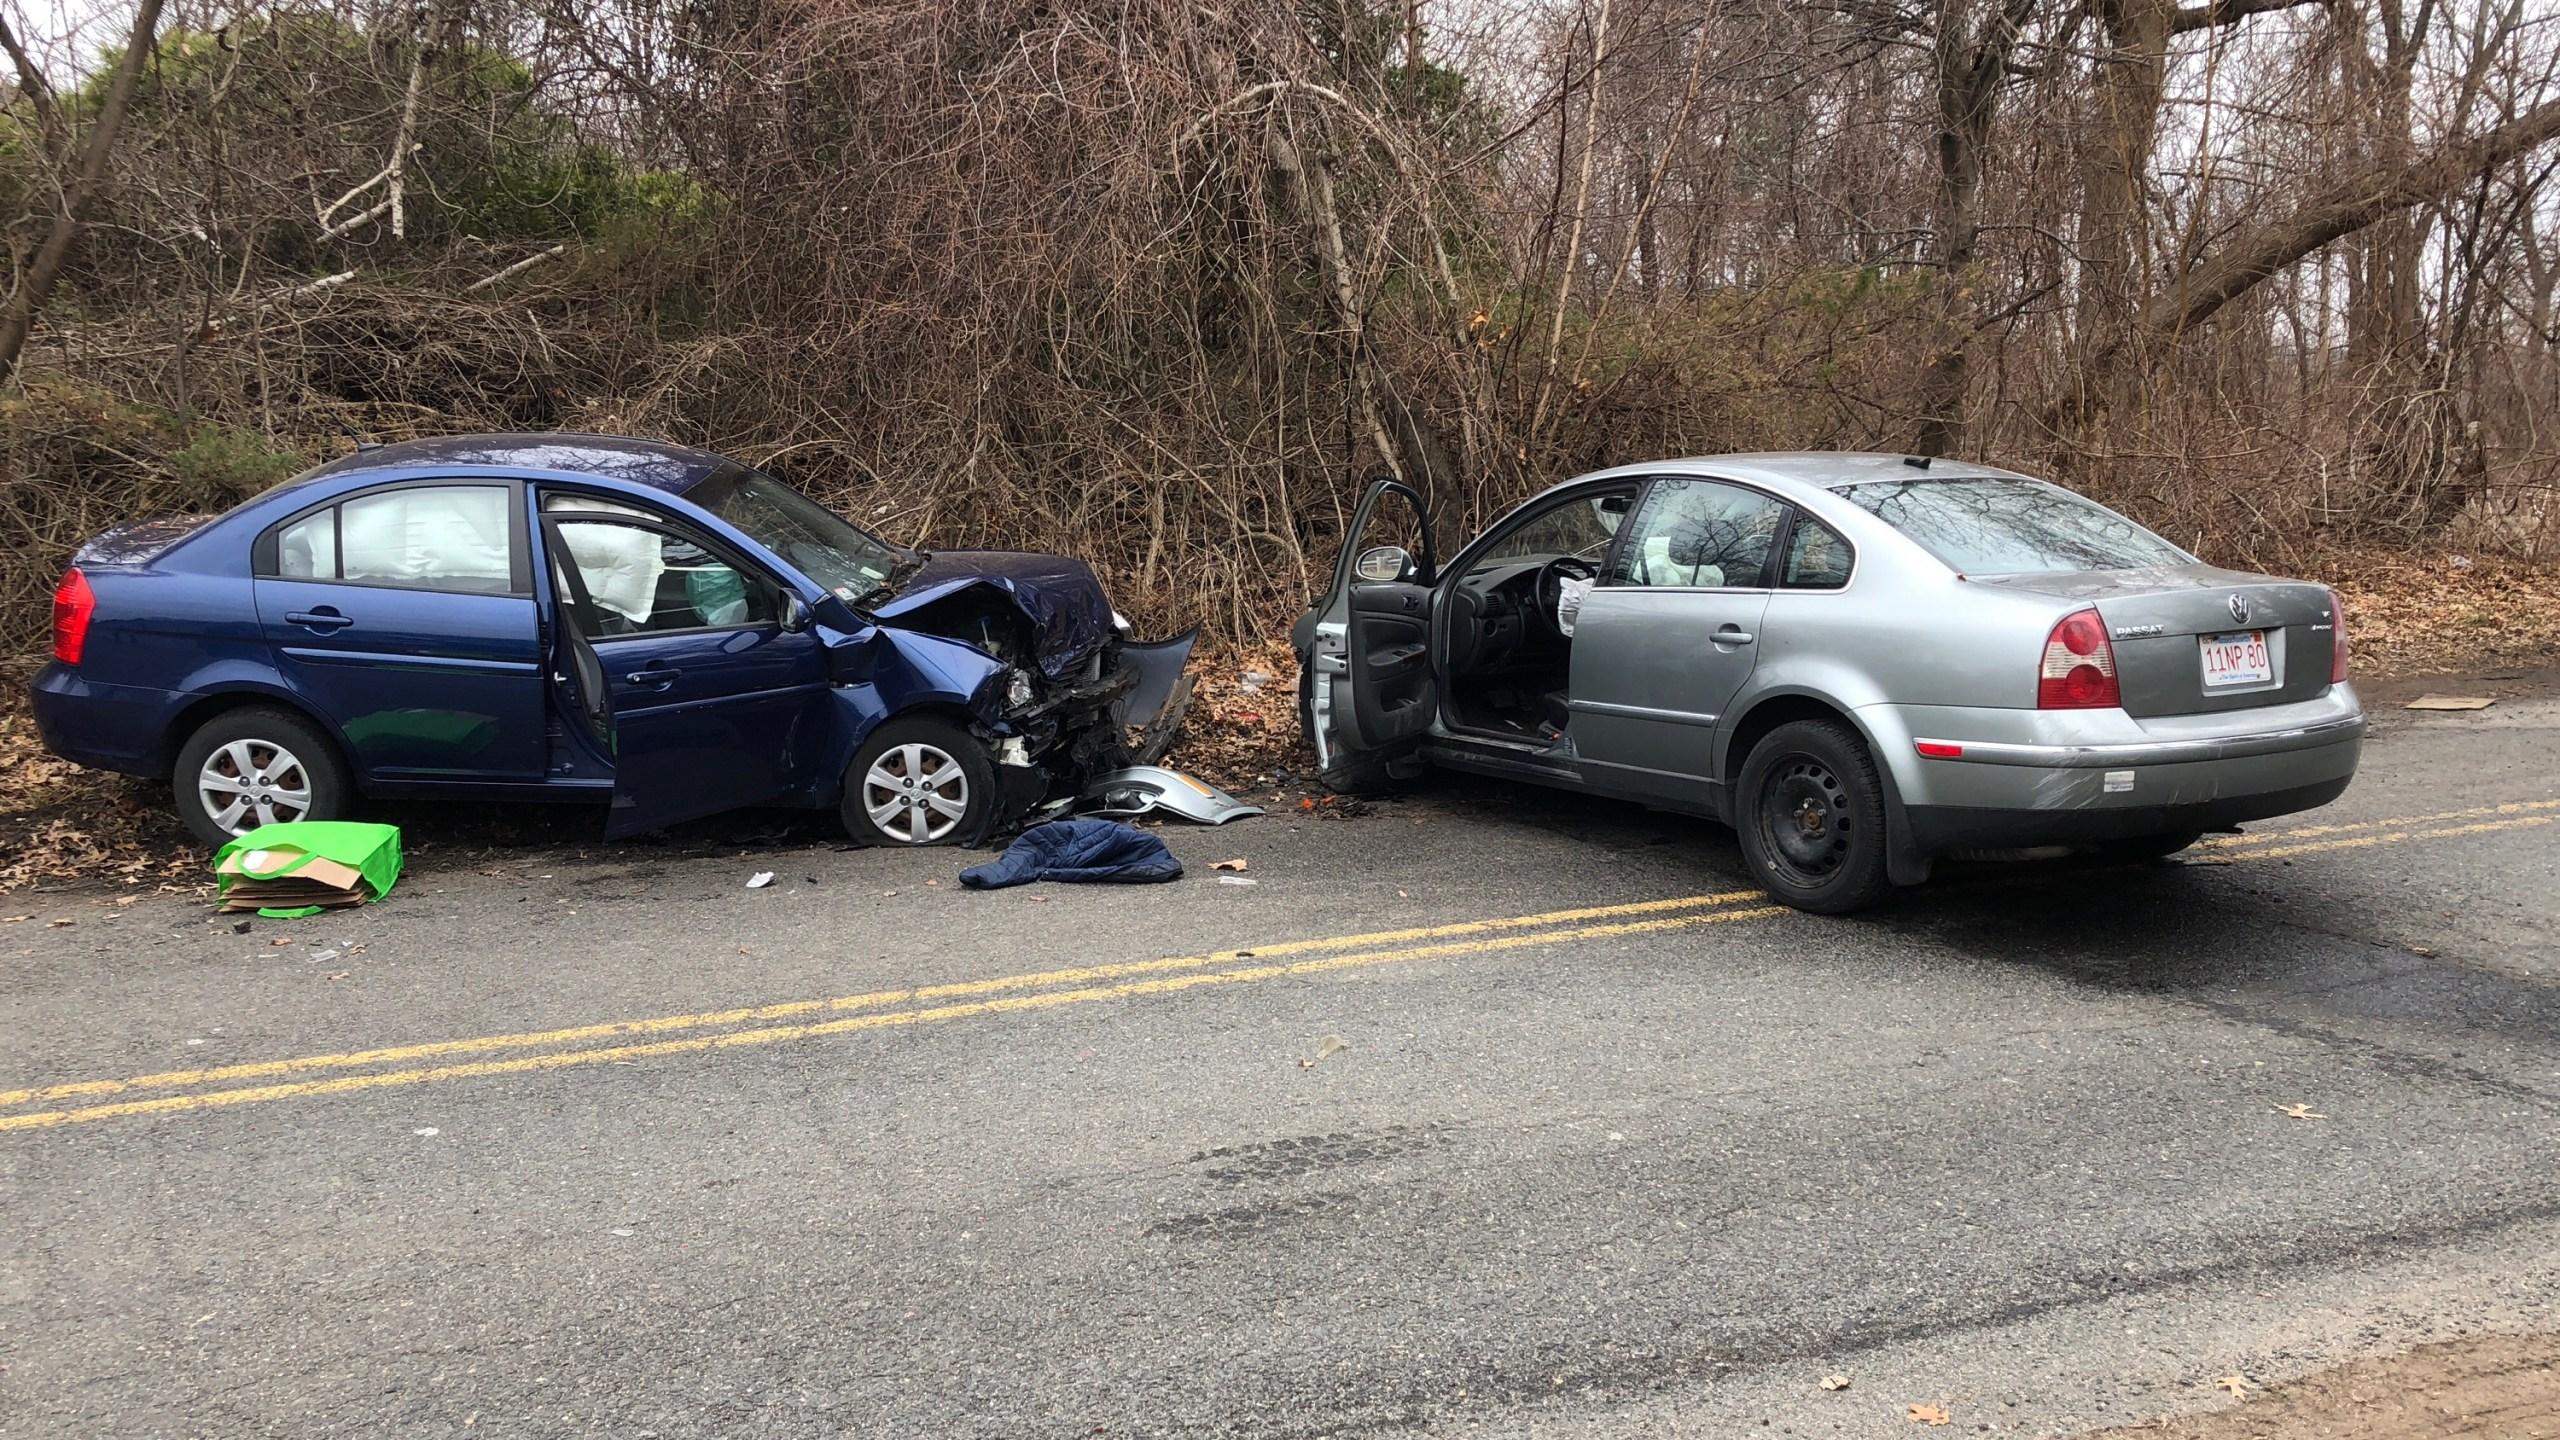 twiss street accident 2_1555096017024.JPEG.jpg